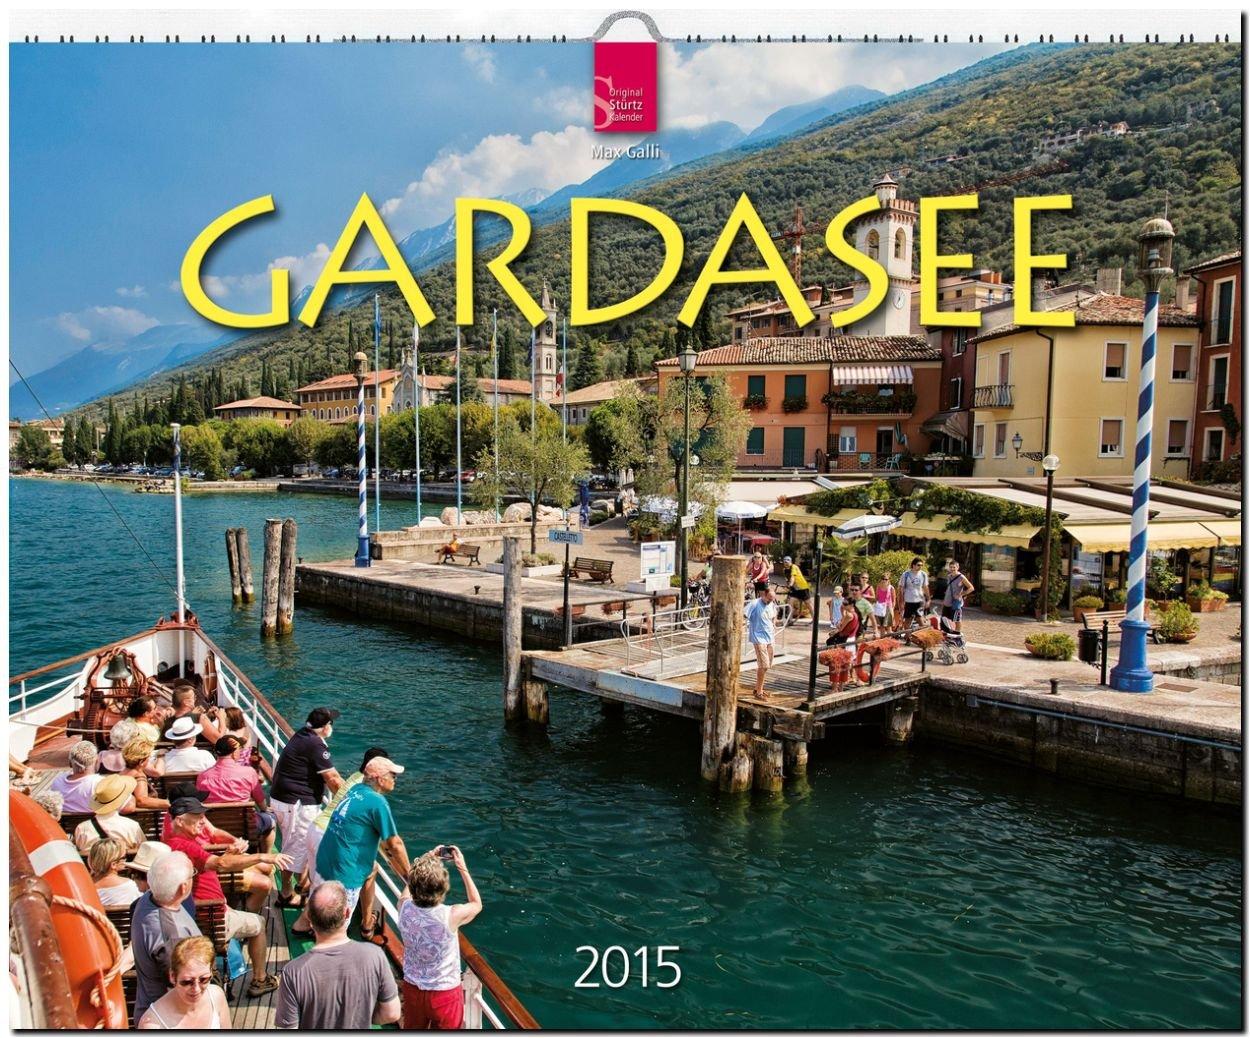 Gardasee 2015 - Original Stürtz-Kalender - Großformat 60 x 48 cm